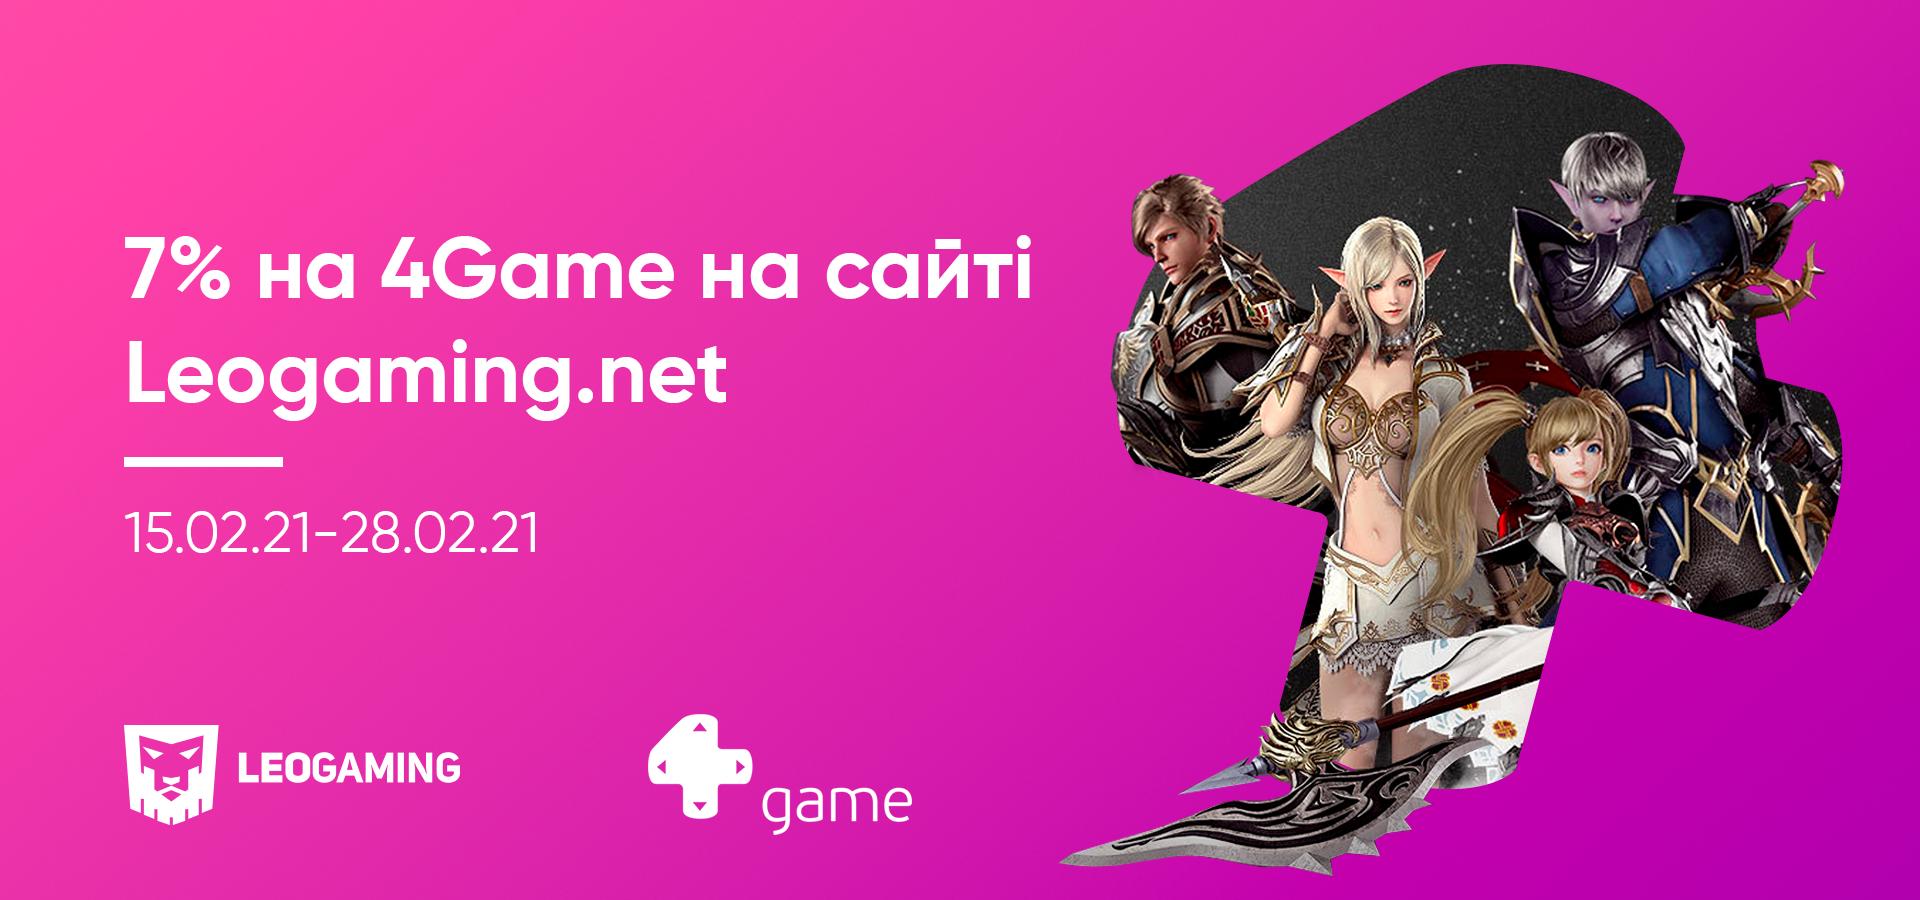 З 15 по 28 лютого поповнюйте рахунок 4Game на сайті LeoGaming і отримуйте + 7% до кожного платежу